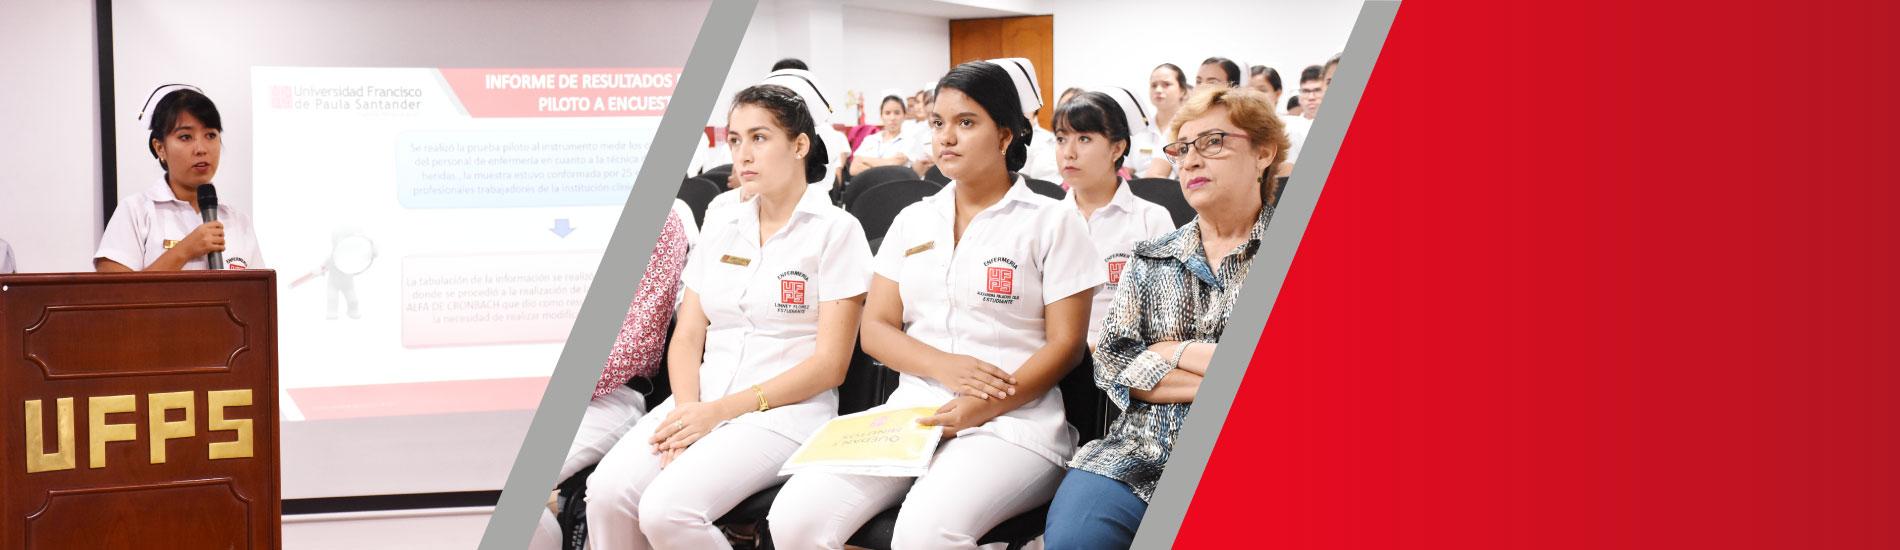 Estudiantes de Enfermería UFPS expusieron ante instituciones de salud resultados de proyectos de extensión social